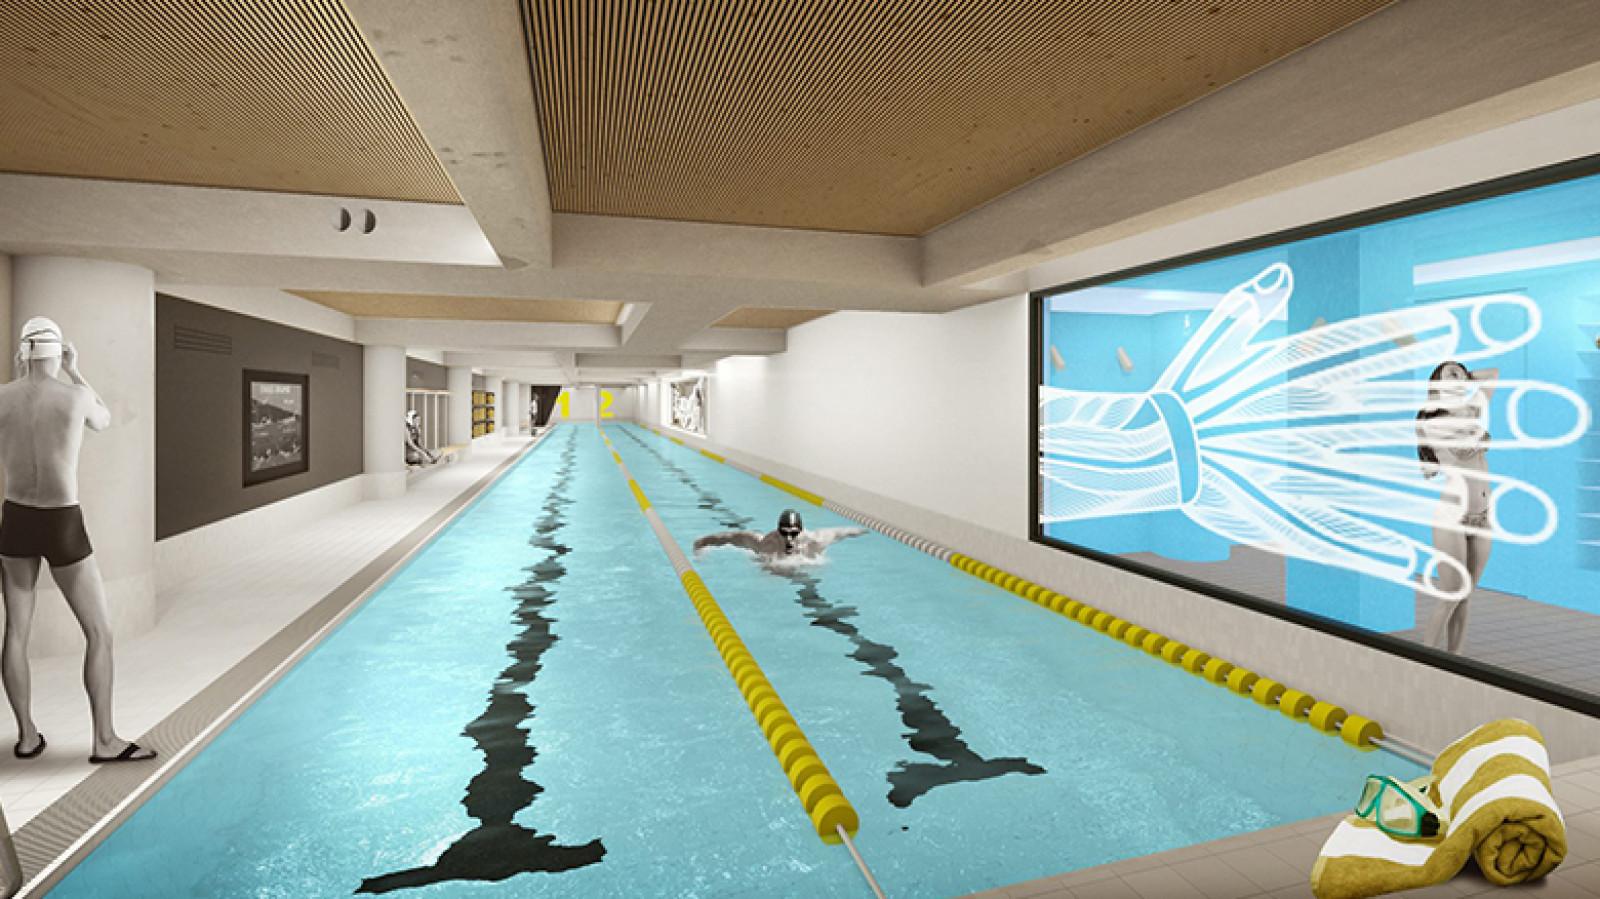 Dit is het smalste zwembad van amsterdam nh nieuws